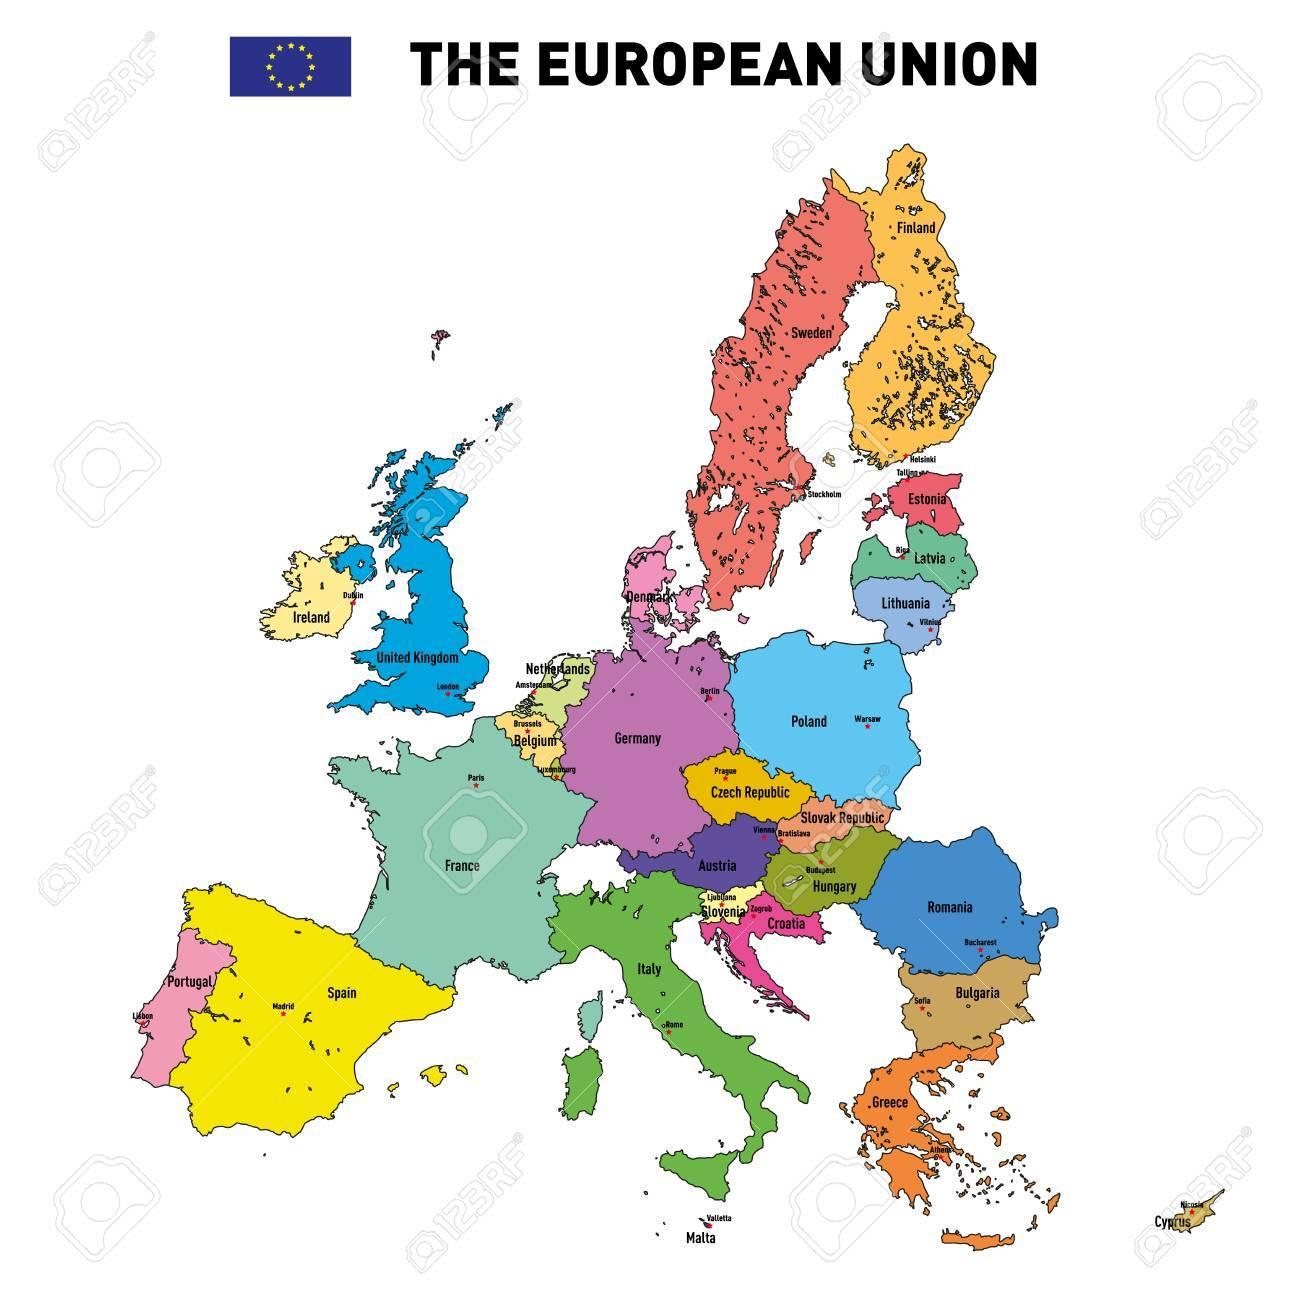 Vector Très Détaillée Carte Politique De L'union Européenne Avec Des  Drapeaux Et Capitales. Tous Les Éléments Sont Séparés Dans Des Couches concernant Carte De L Europe Avec Capitale